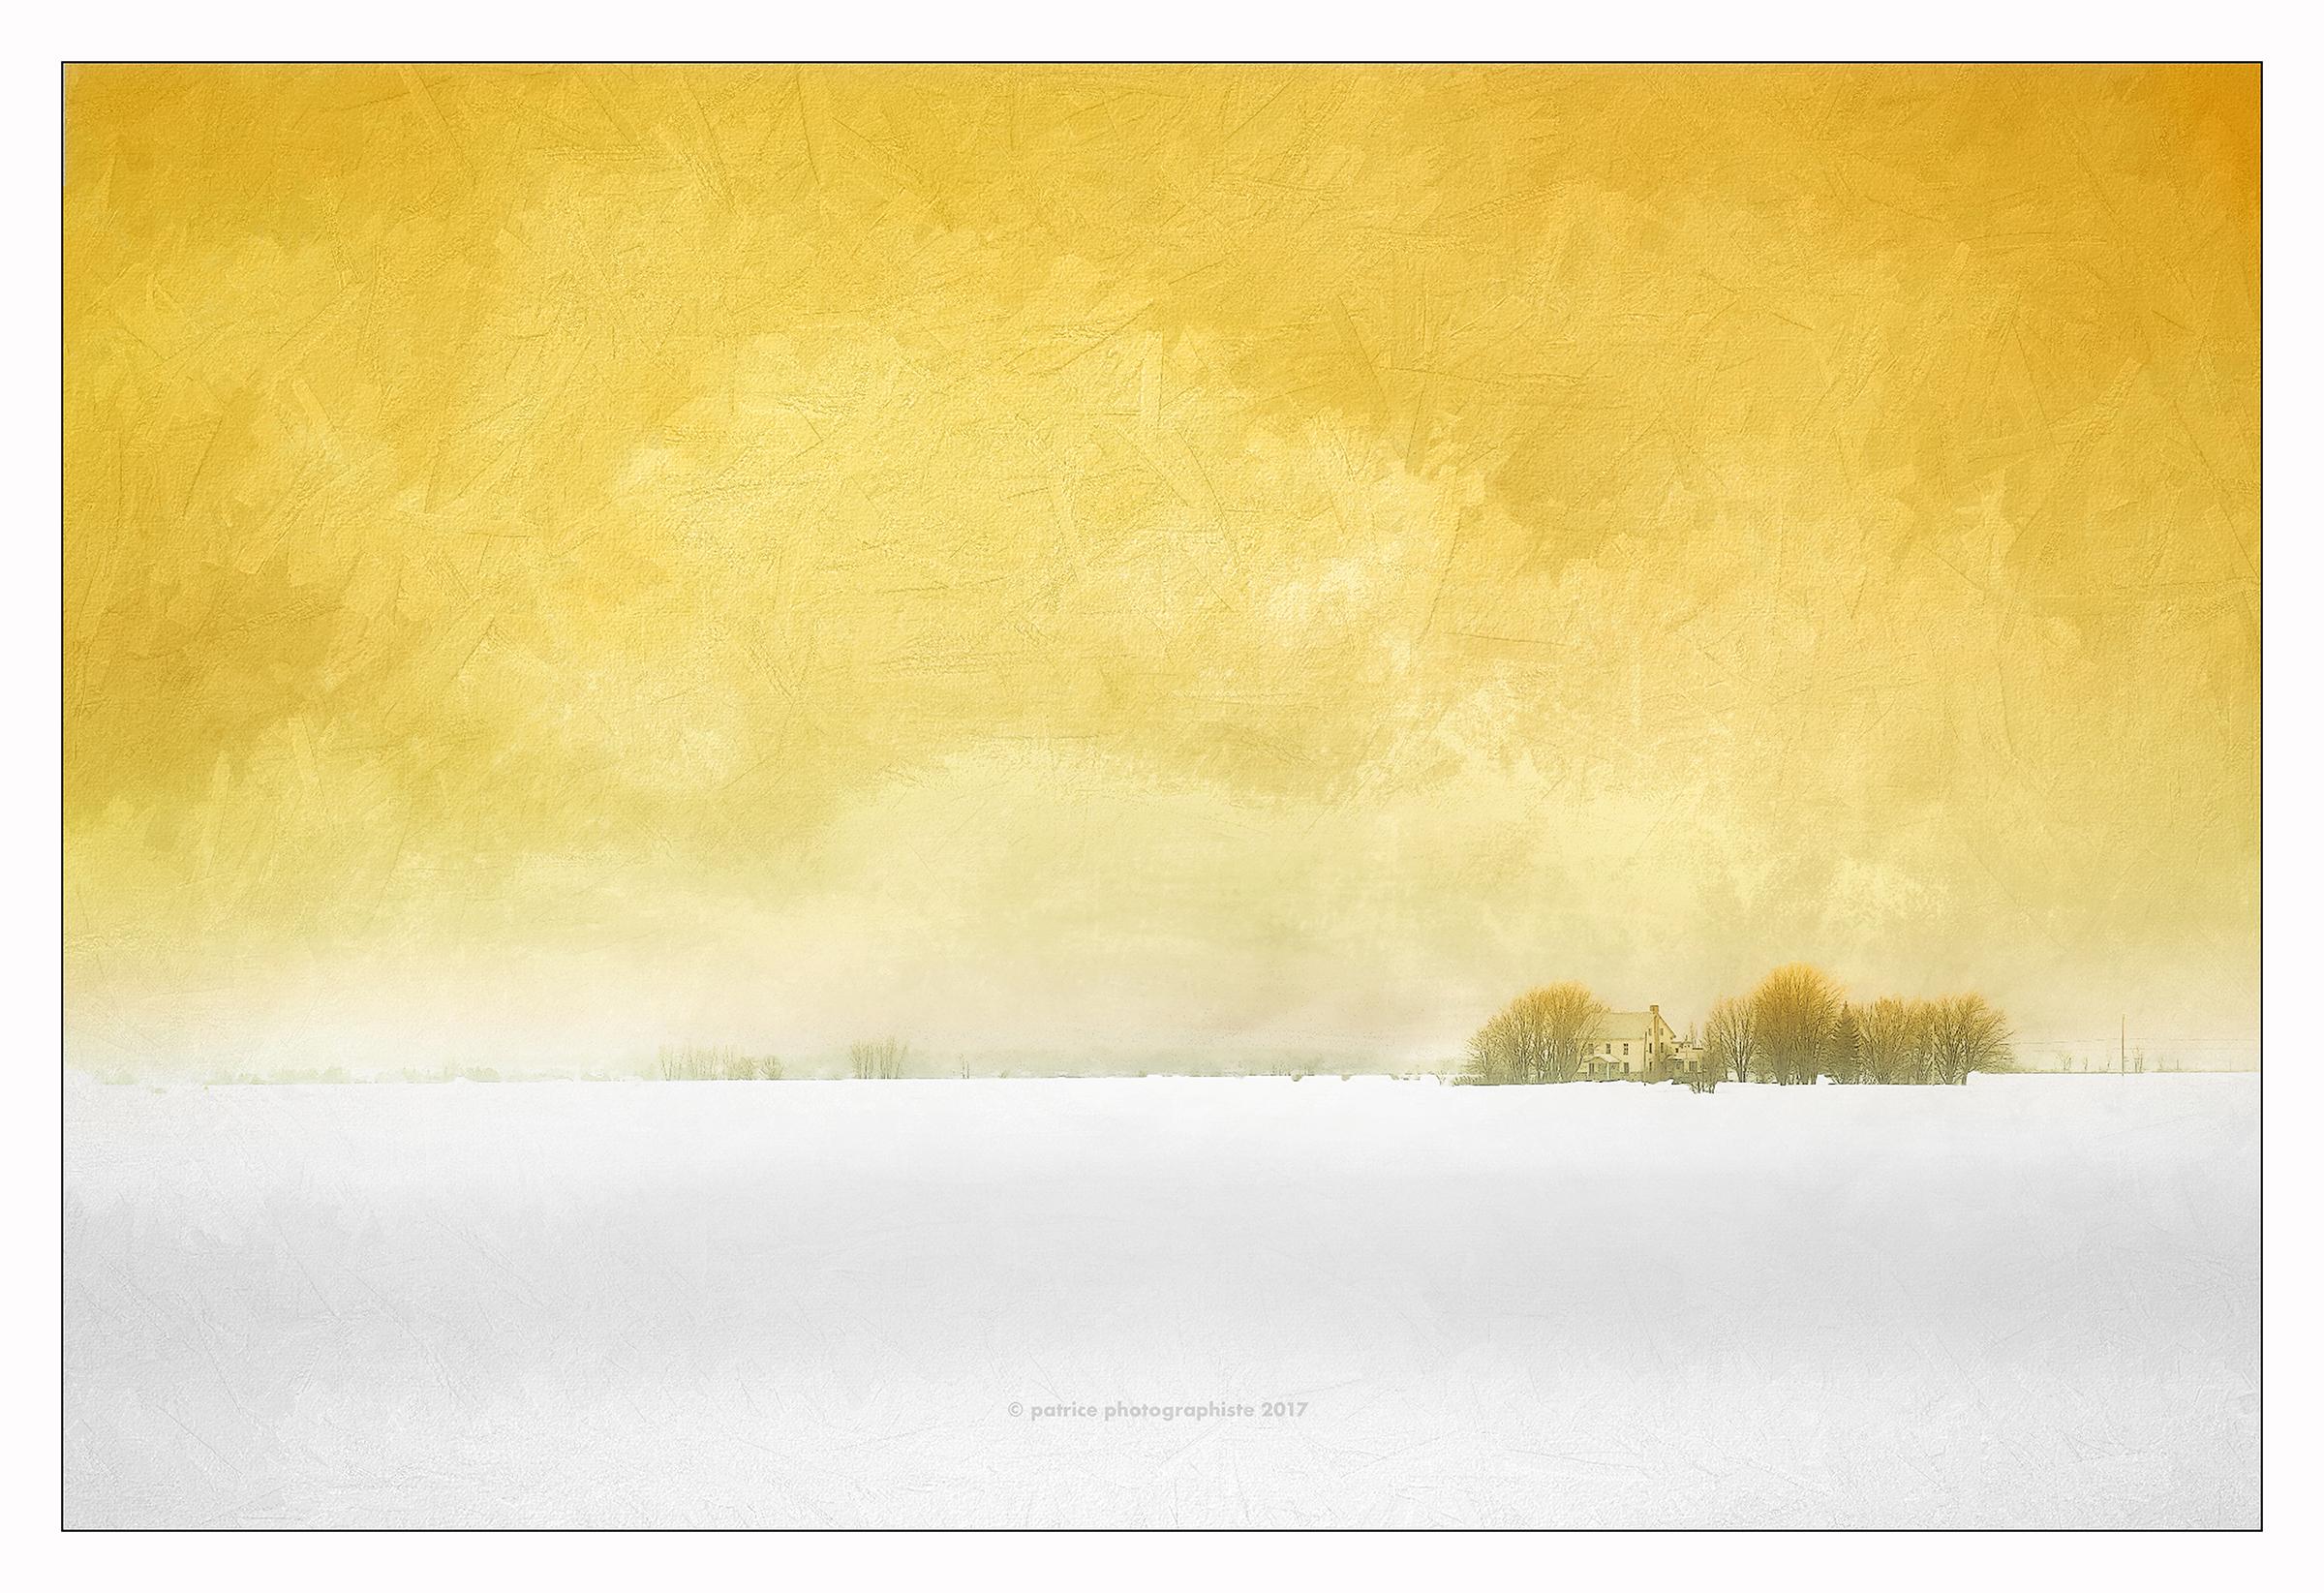 Hintergrundbilder : Malerei, Illustration, Text, Gelb, Textur ...